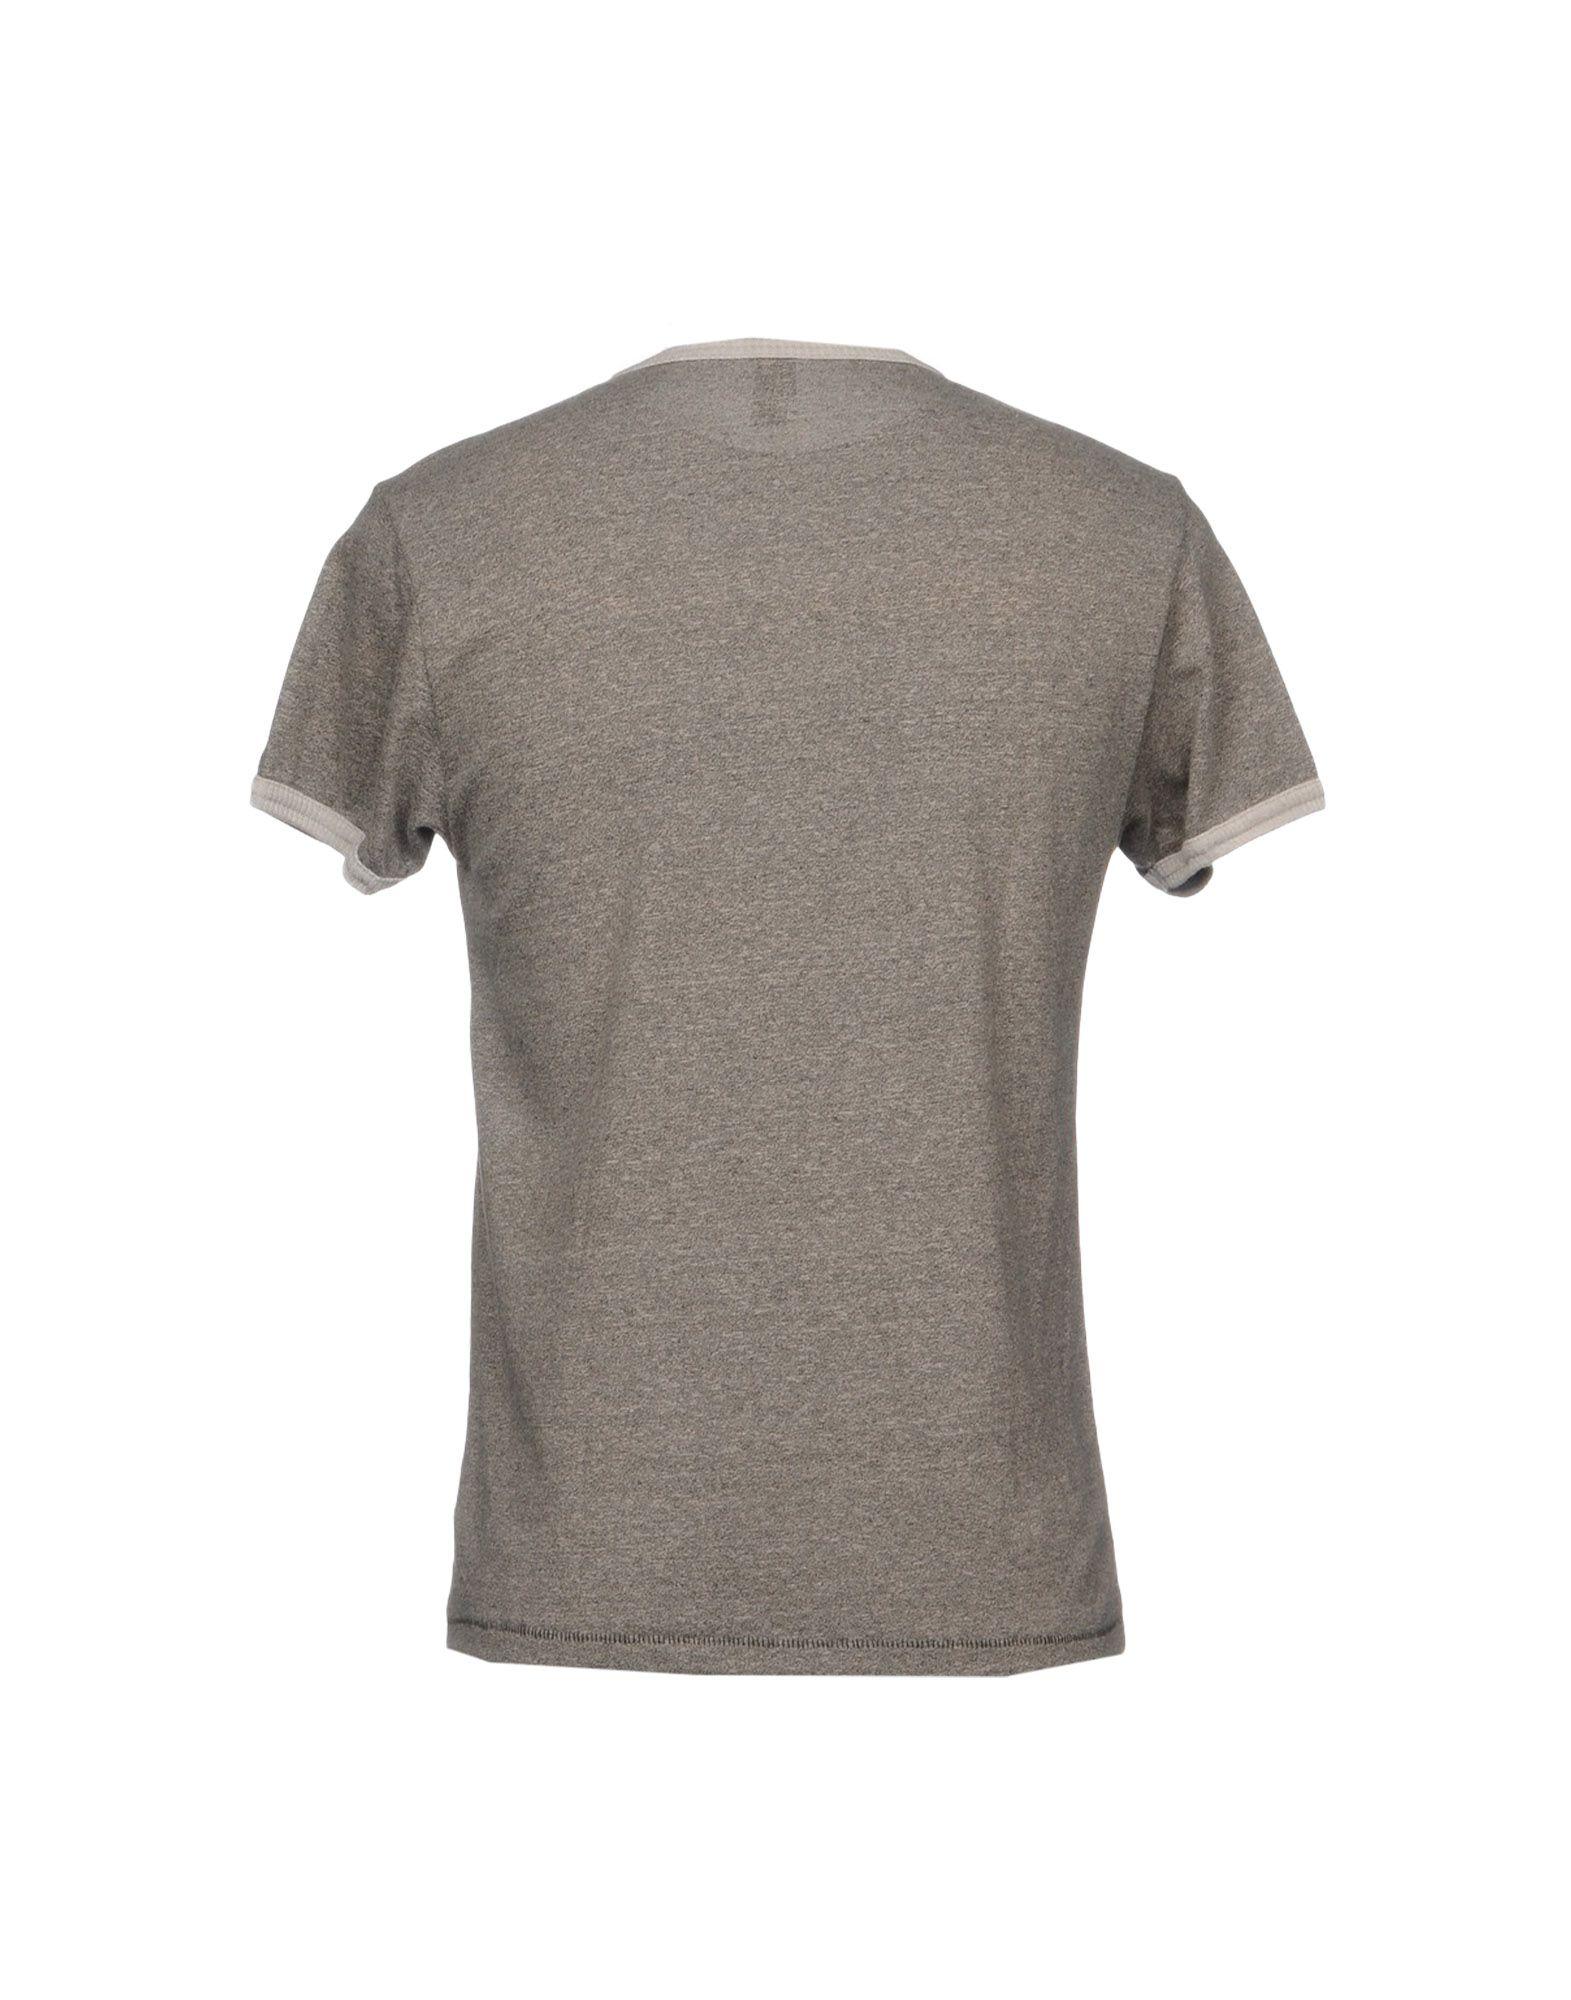 A buon buon mercato A buon A mercato T-Shirt Alternative  Uomo - 12082530FS 568b3a